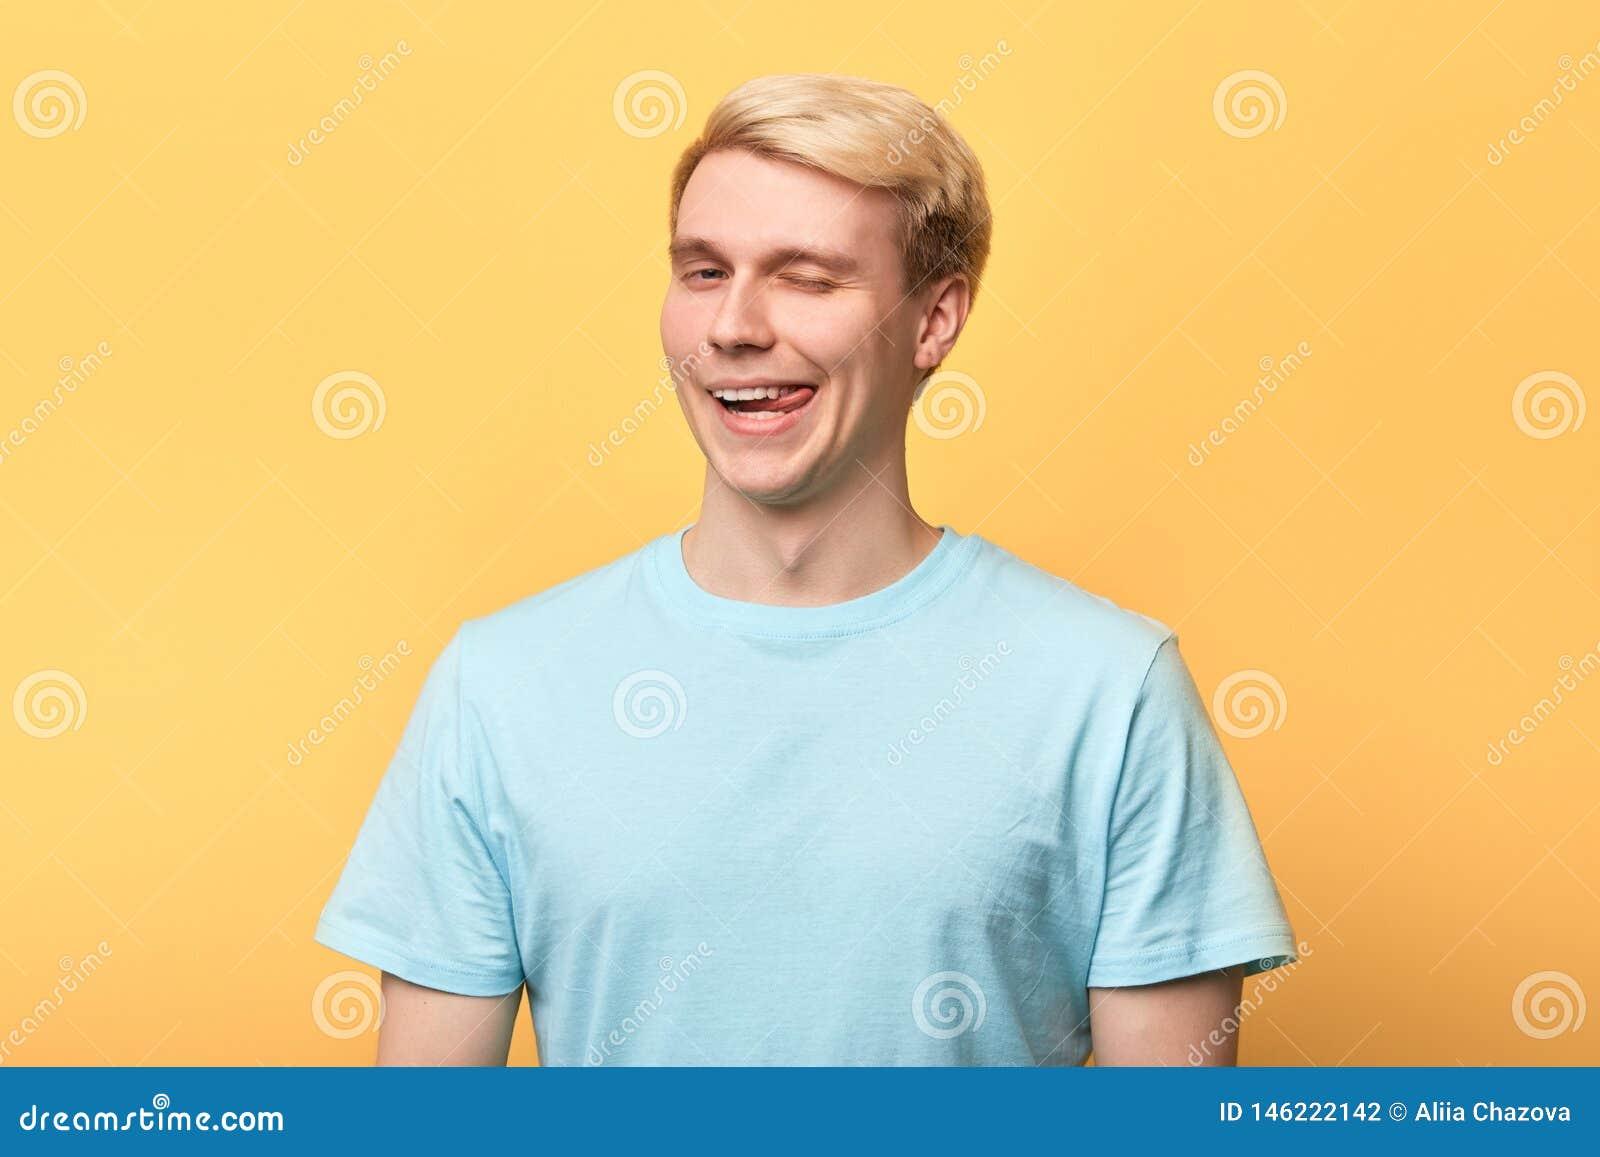 Εύθυμο νέο αστείο άτομο που βάζει έξω τη γλώσσα και το κλείσιμο του ματιού του